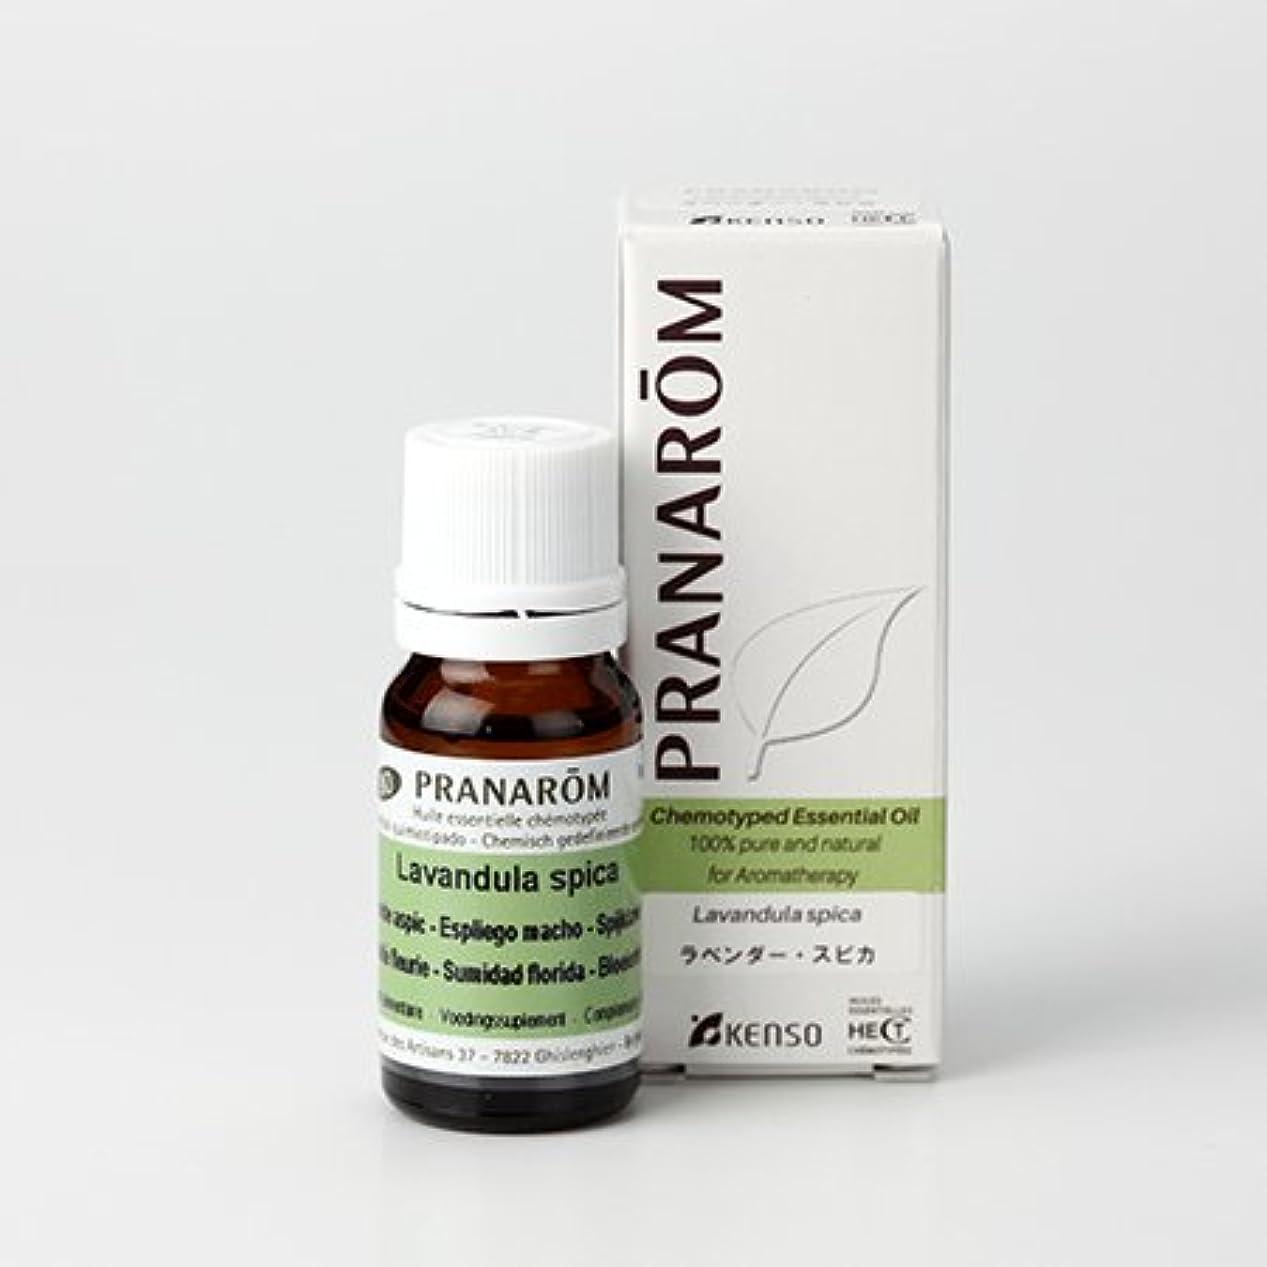 バイソンぼんやりした扇動するプラナロム ( PRANAROM ) 精油 ラベンダー?スピカ 10ml p-101 ラベンダースピカ